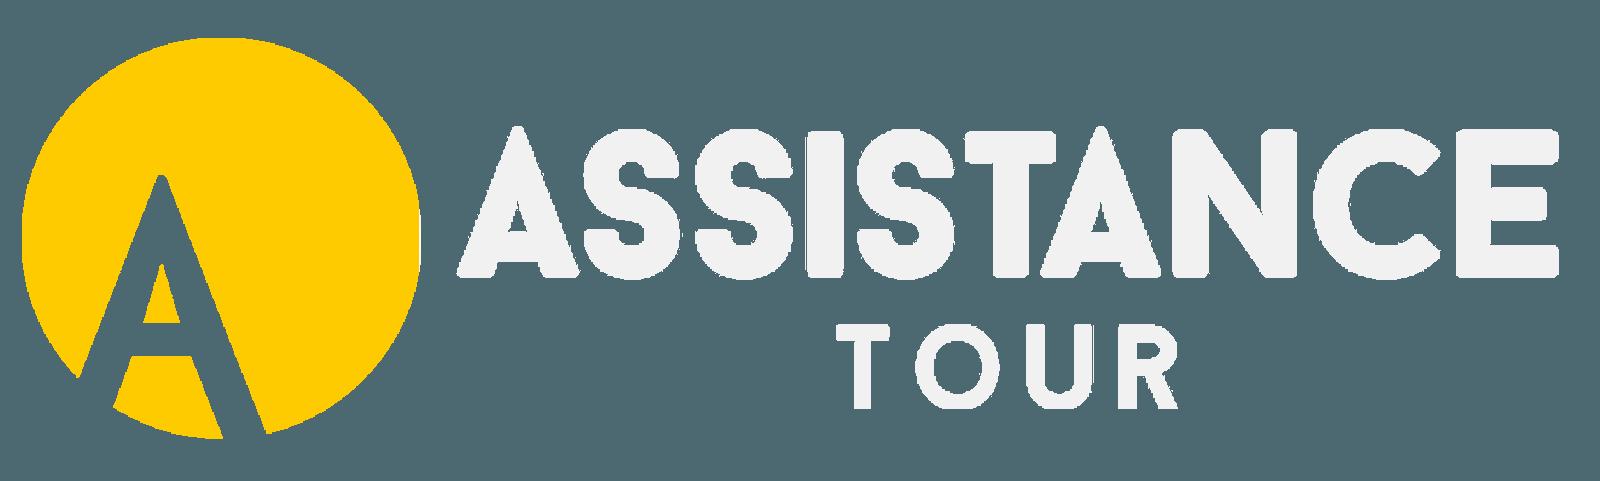 Assistance Tour